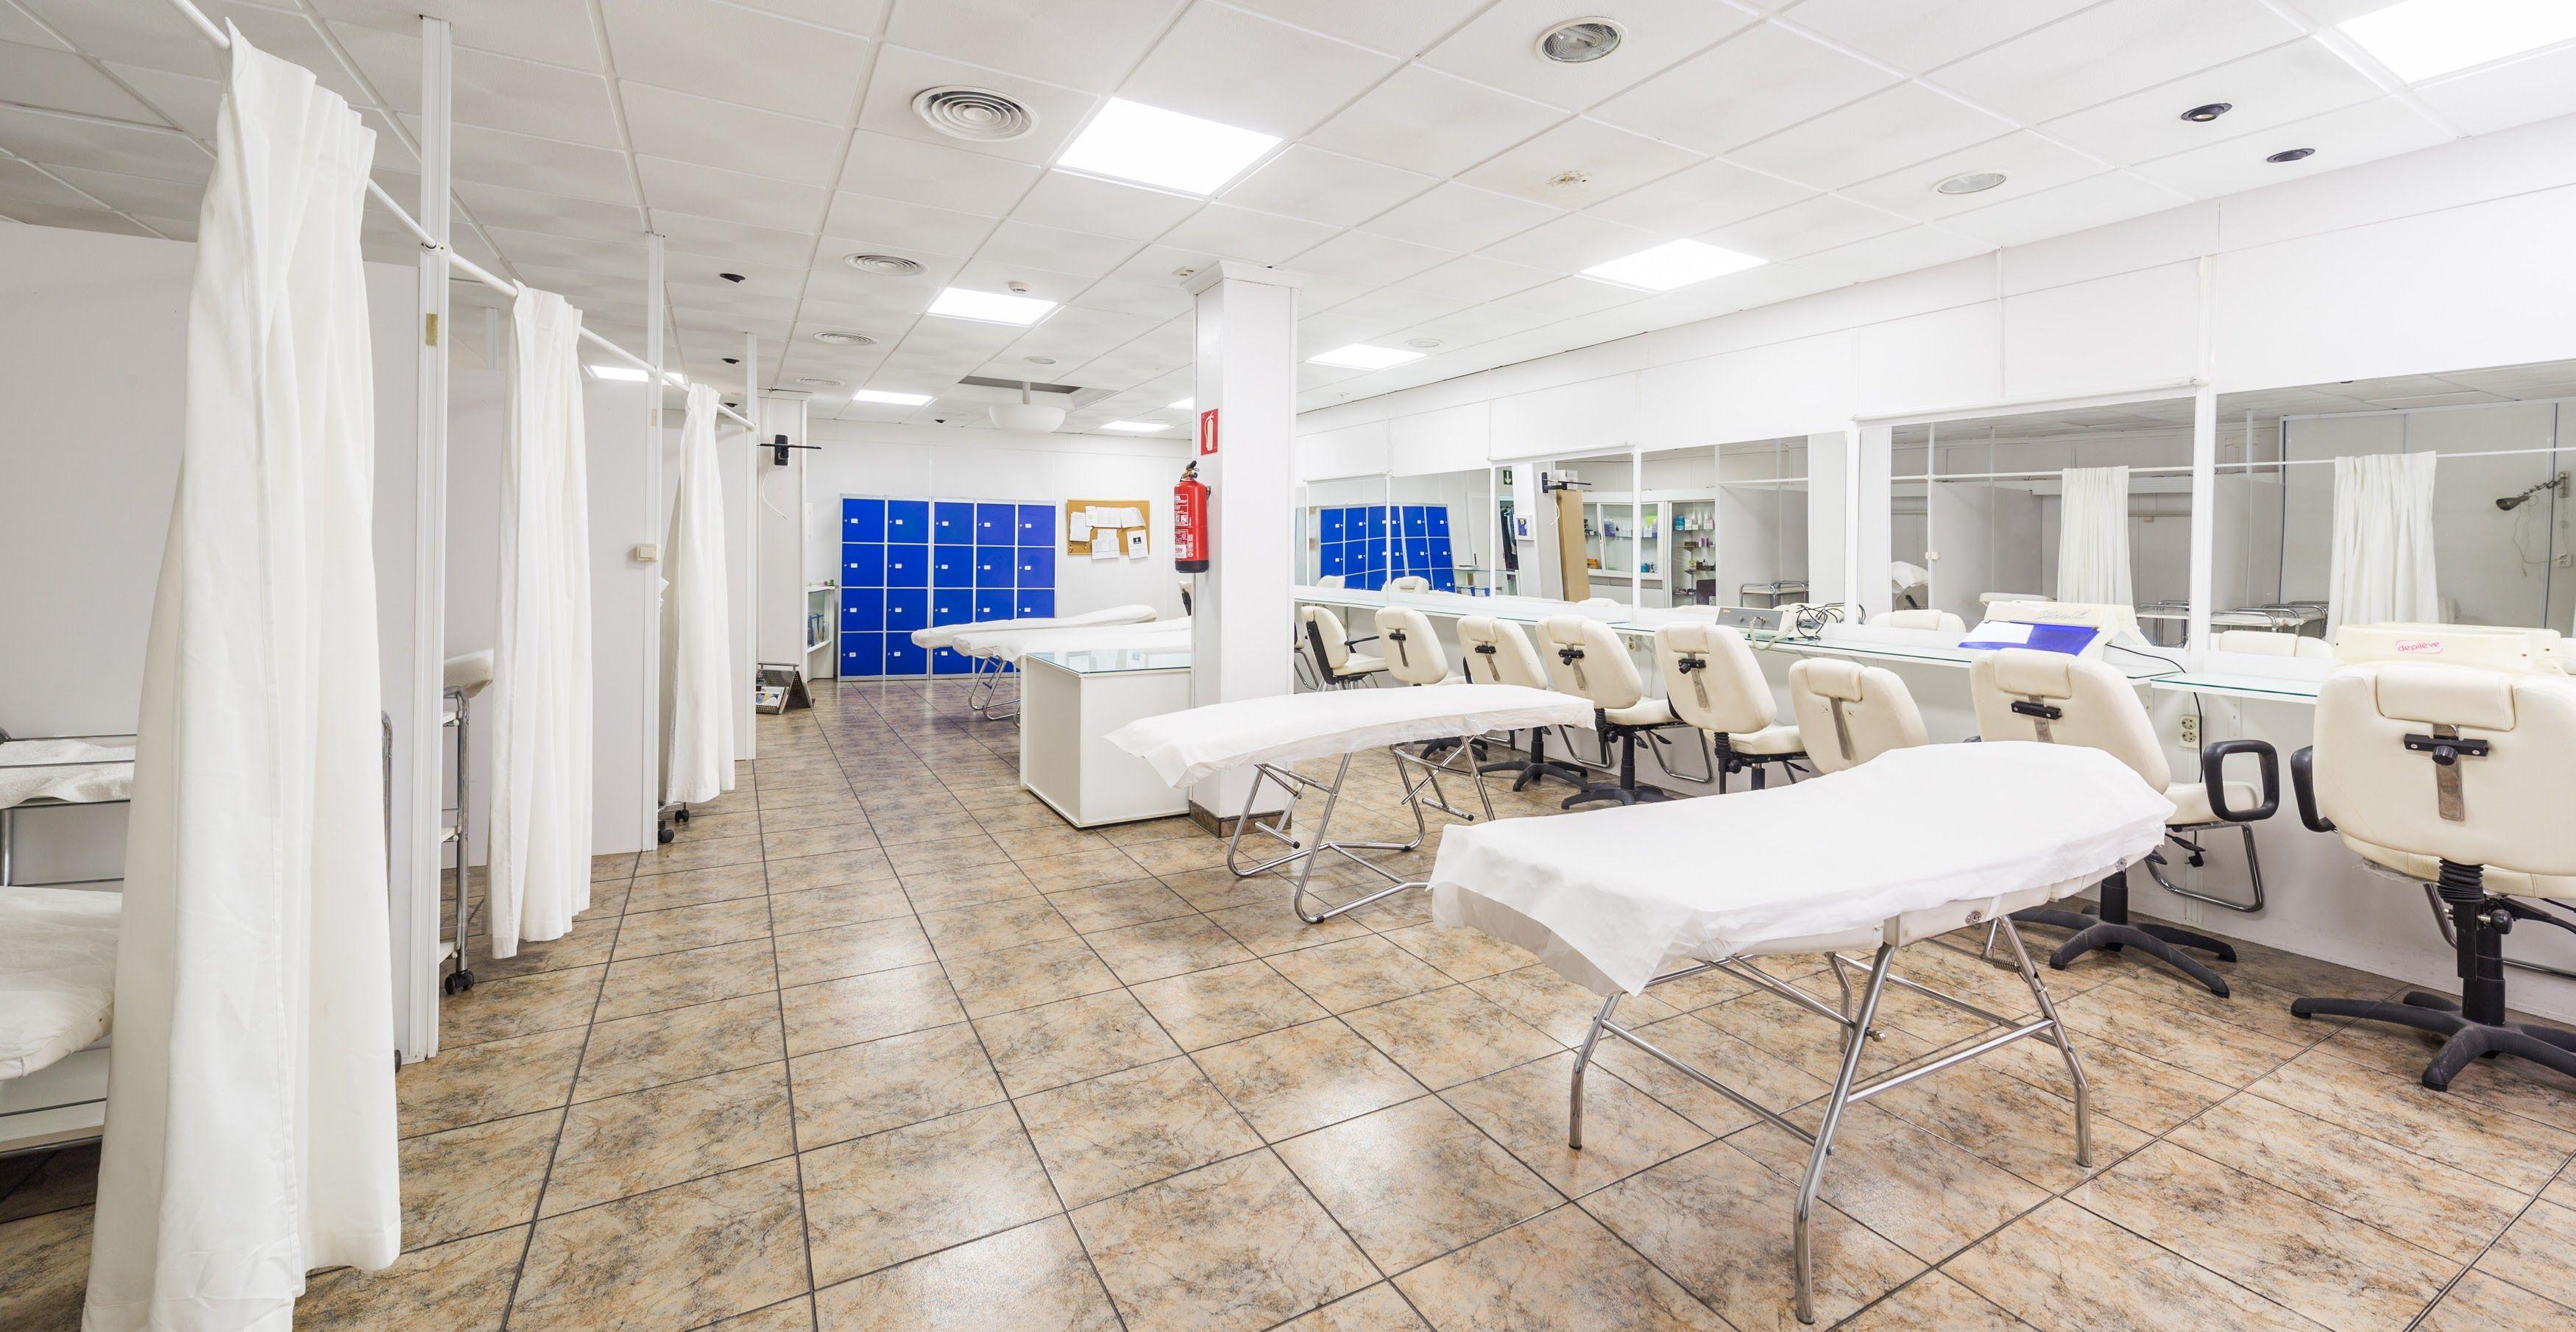 Foto 9 de Academia de peluquería y estética en Albacete | Centro de formación Virgen de los Llanos- Moliné